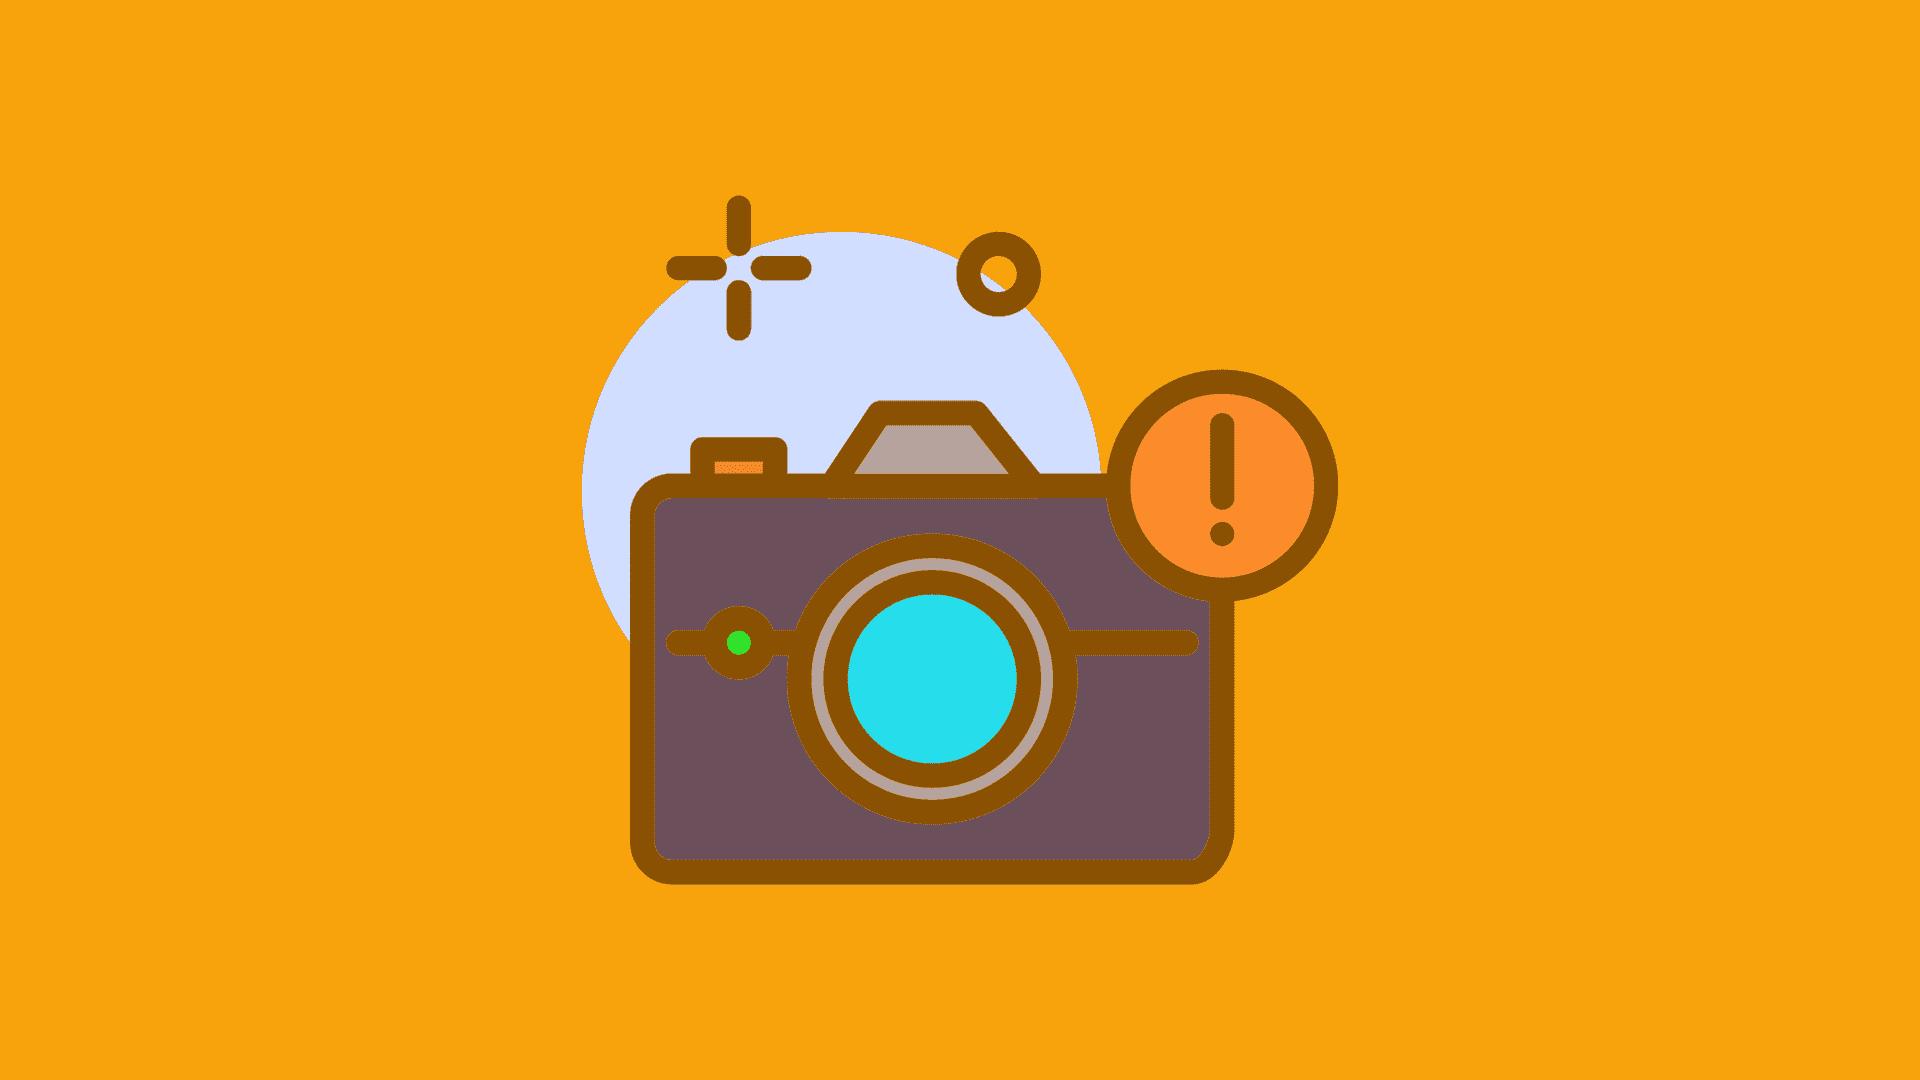 Os 7 pecados capitais da fotografia digital